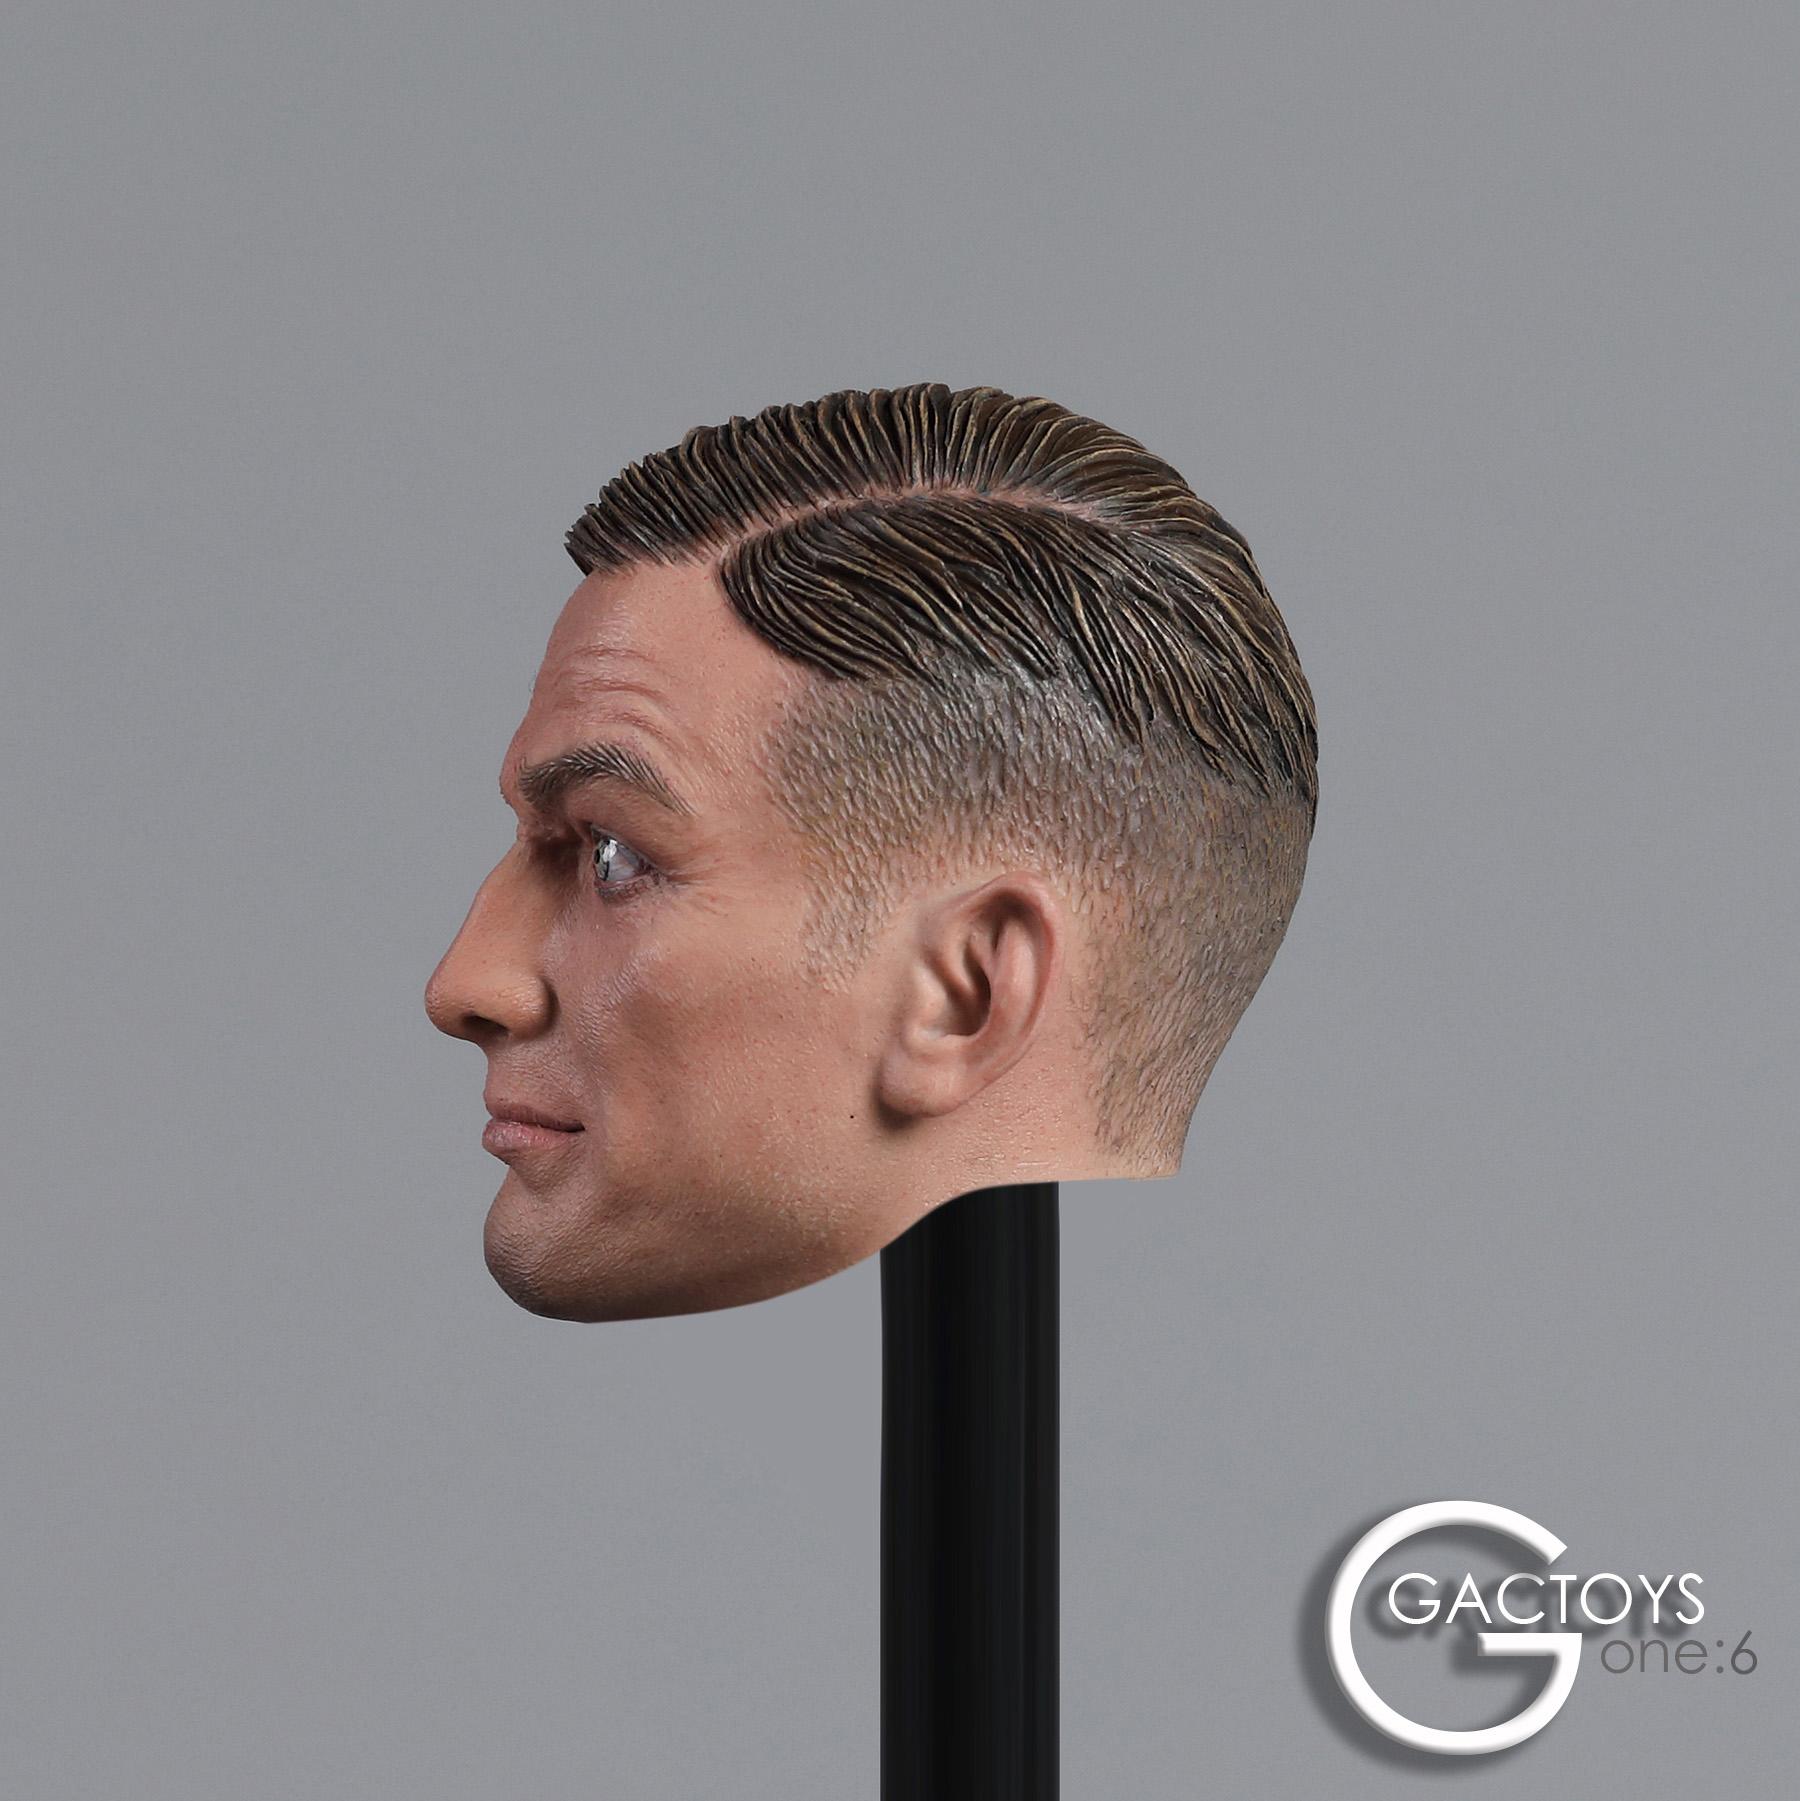 gac-maleHead02